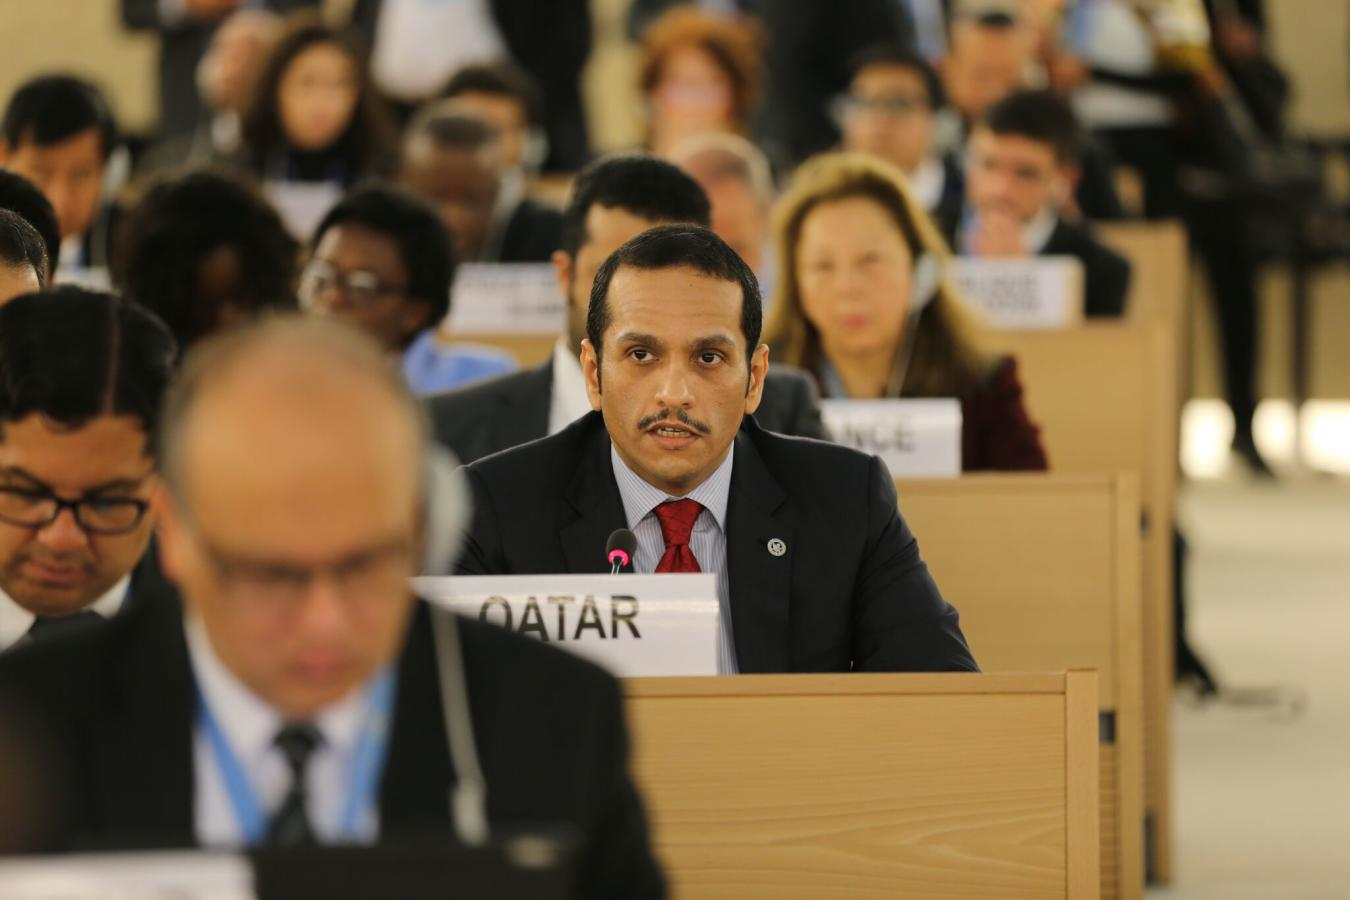 وزير الخارجية: انحياز قطر لحقوق الإنسان من أهم أسباب محاولة فرض الوصاية عليها